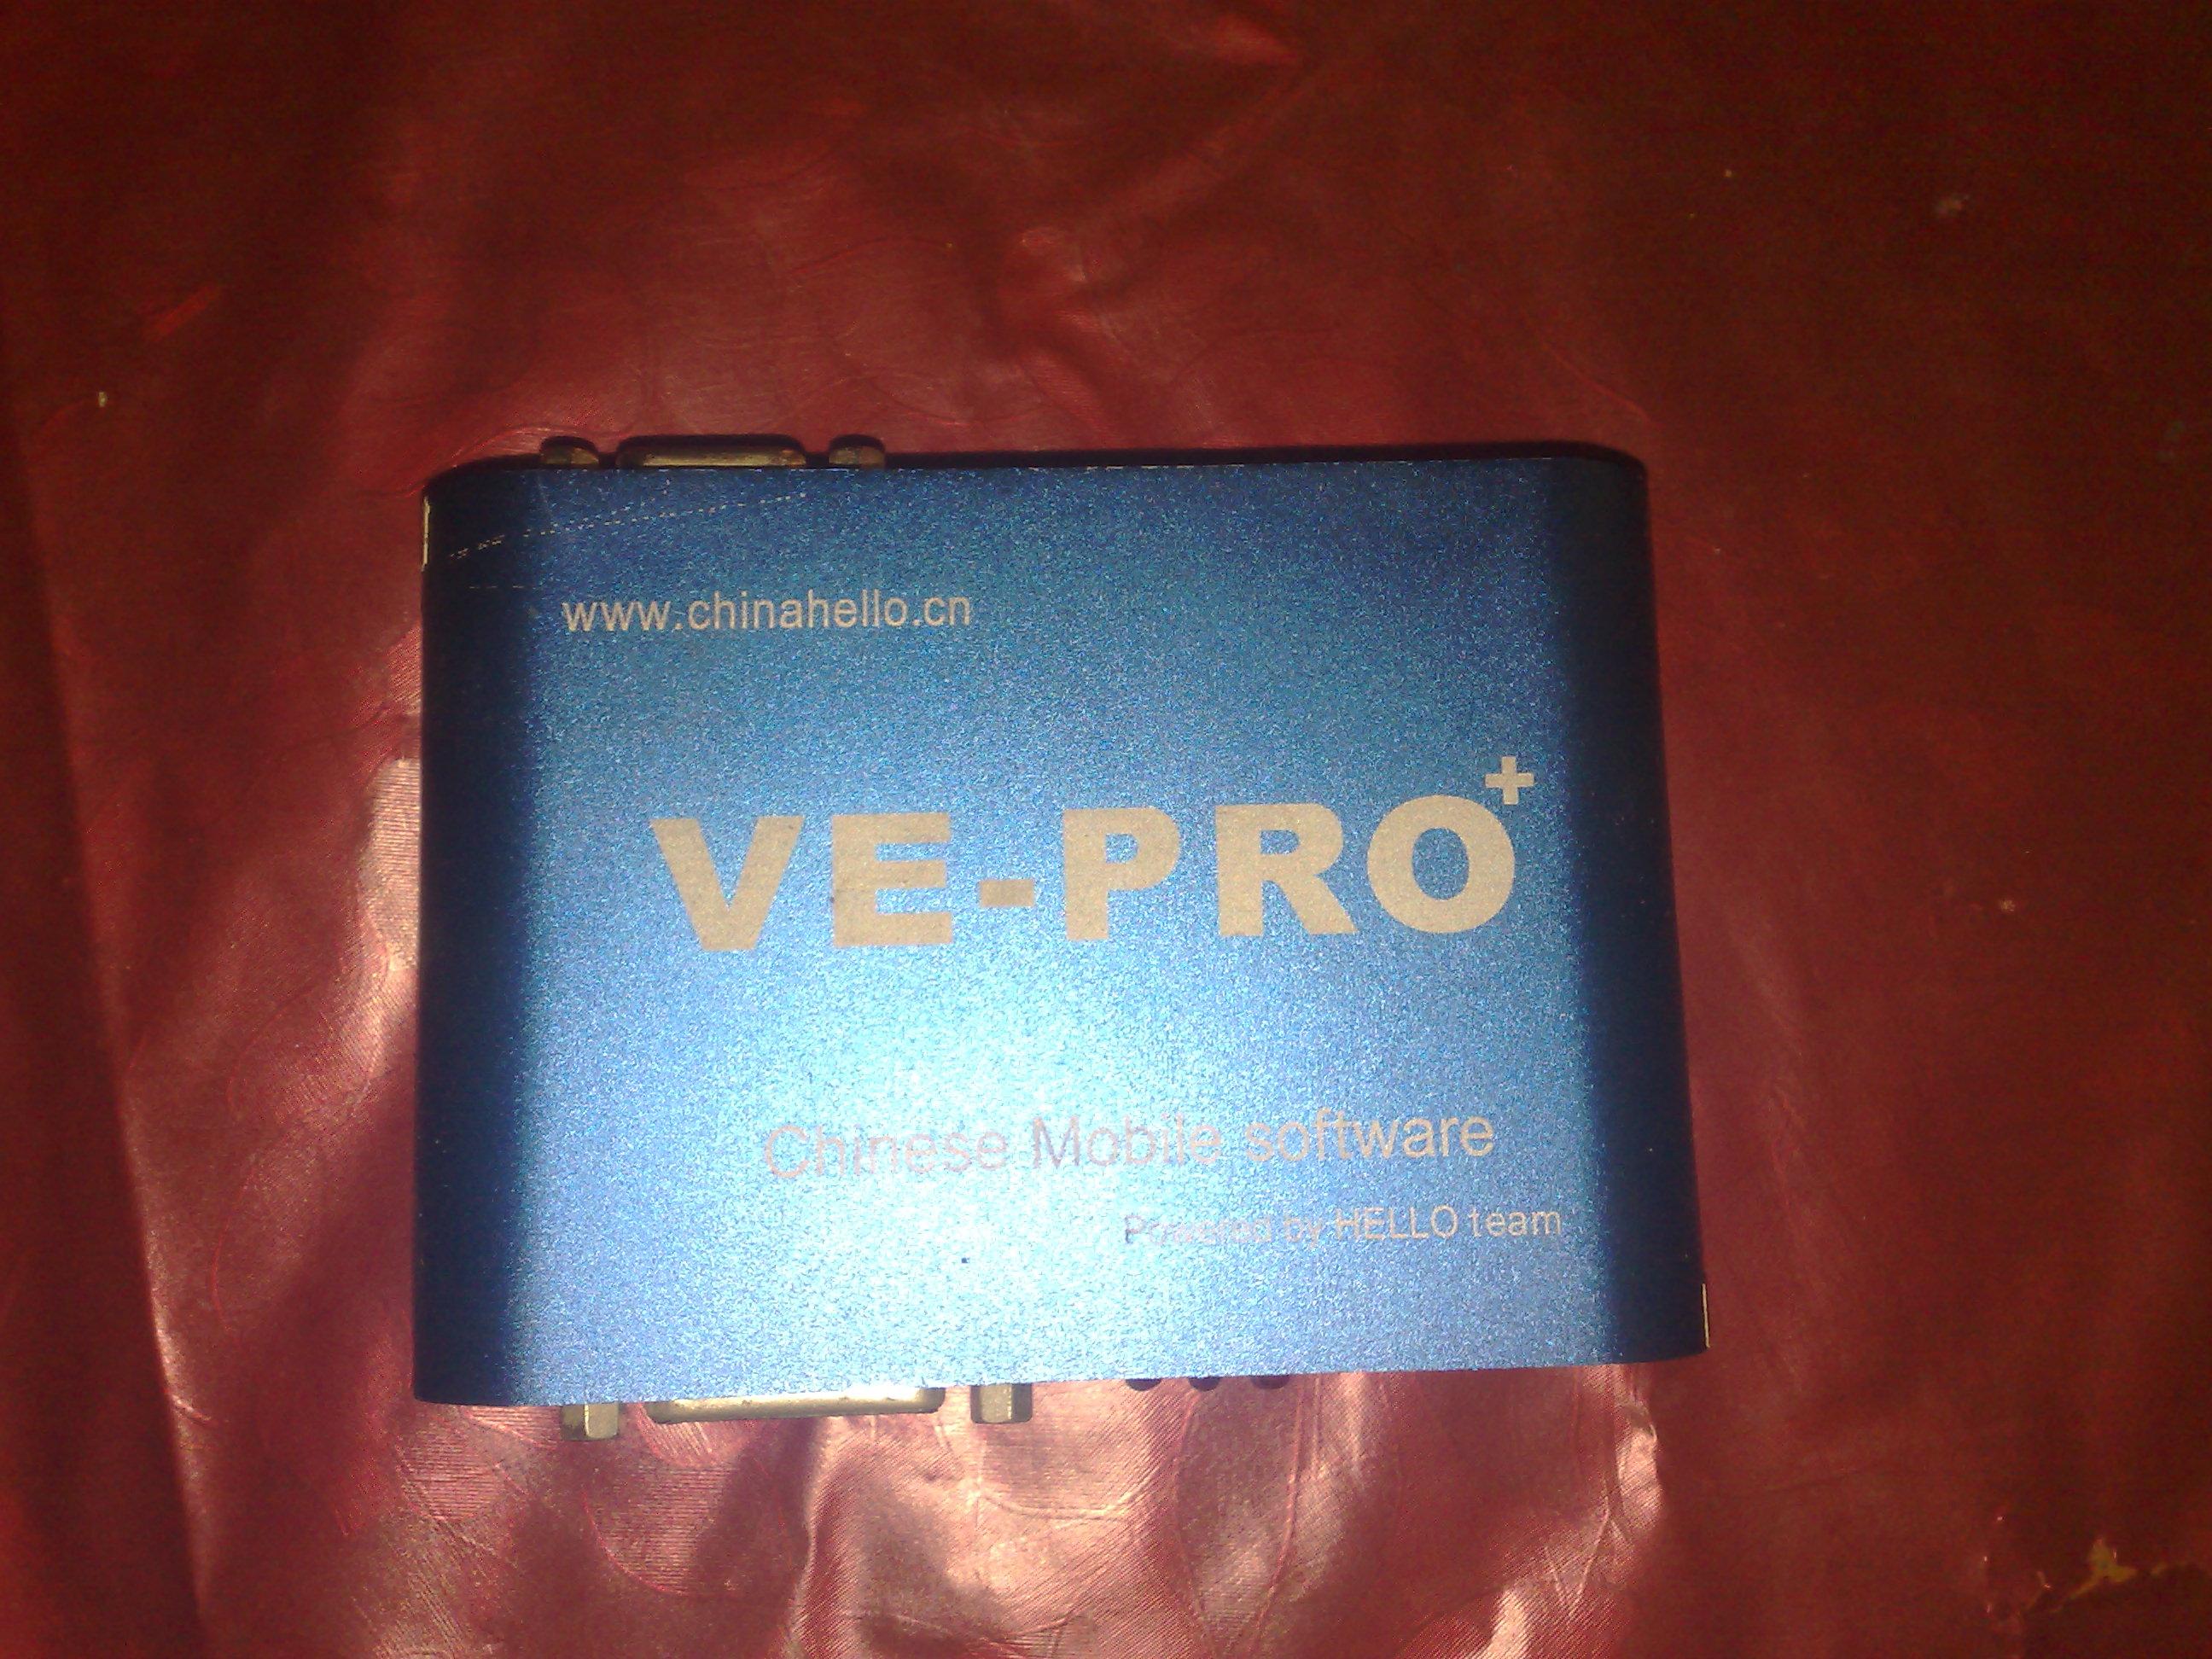 تعريف ve-pro+